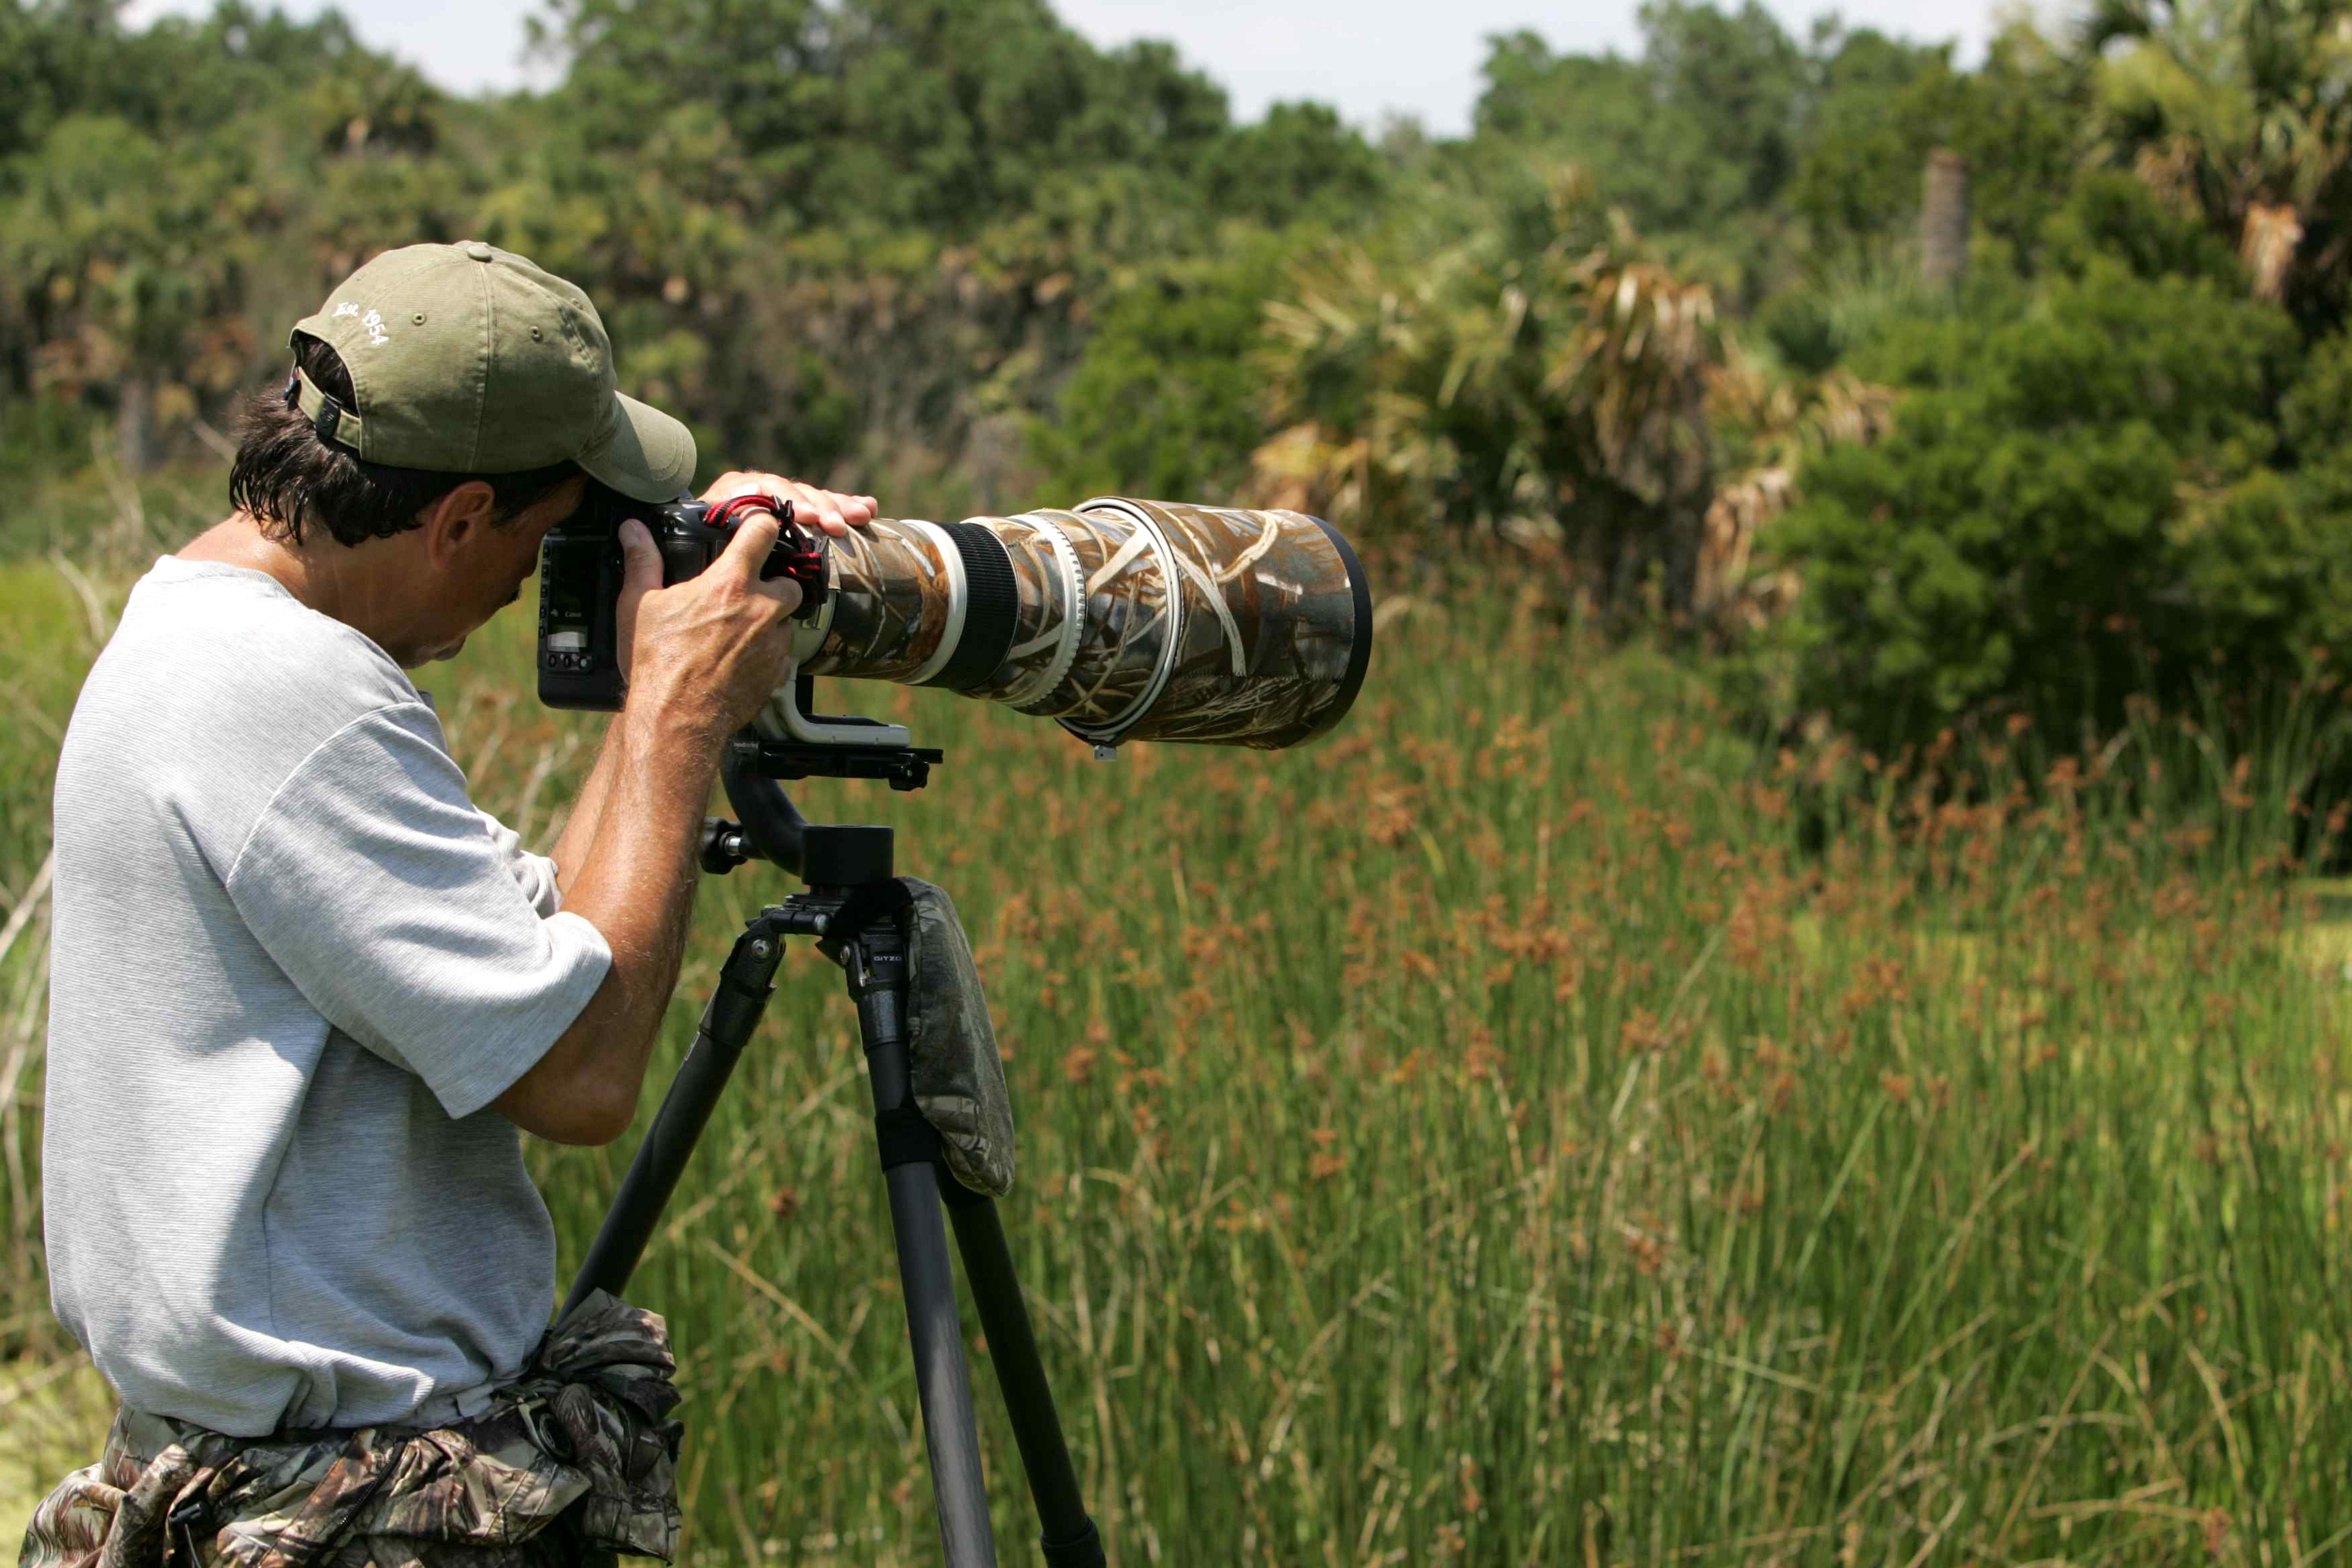 वाइल्डलाइफ फोटोग्राफी में करियर